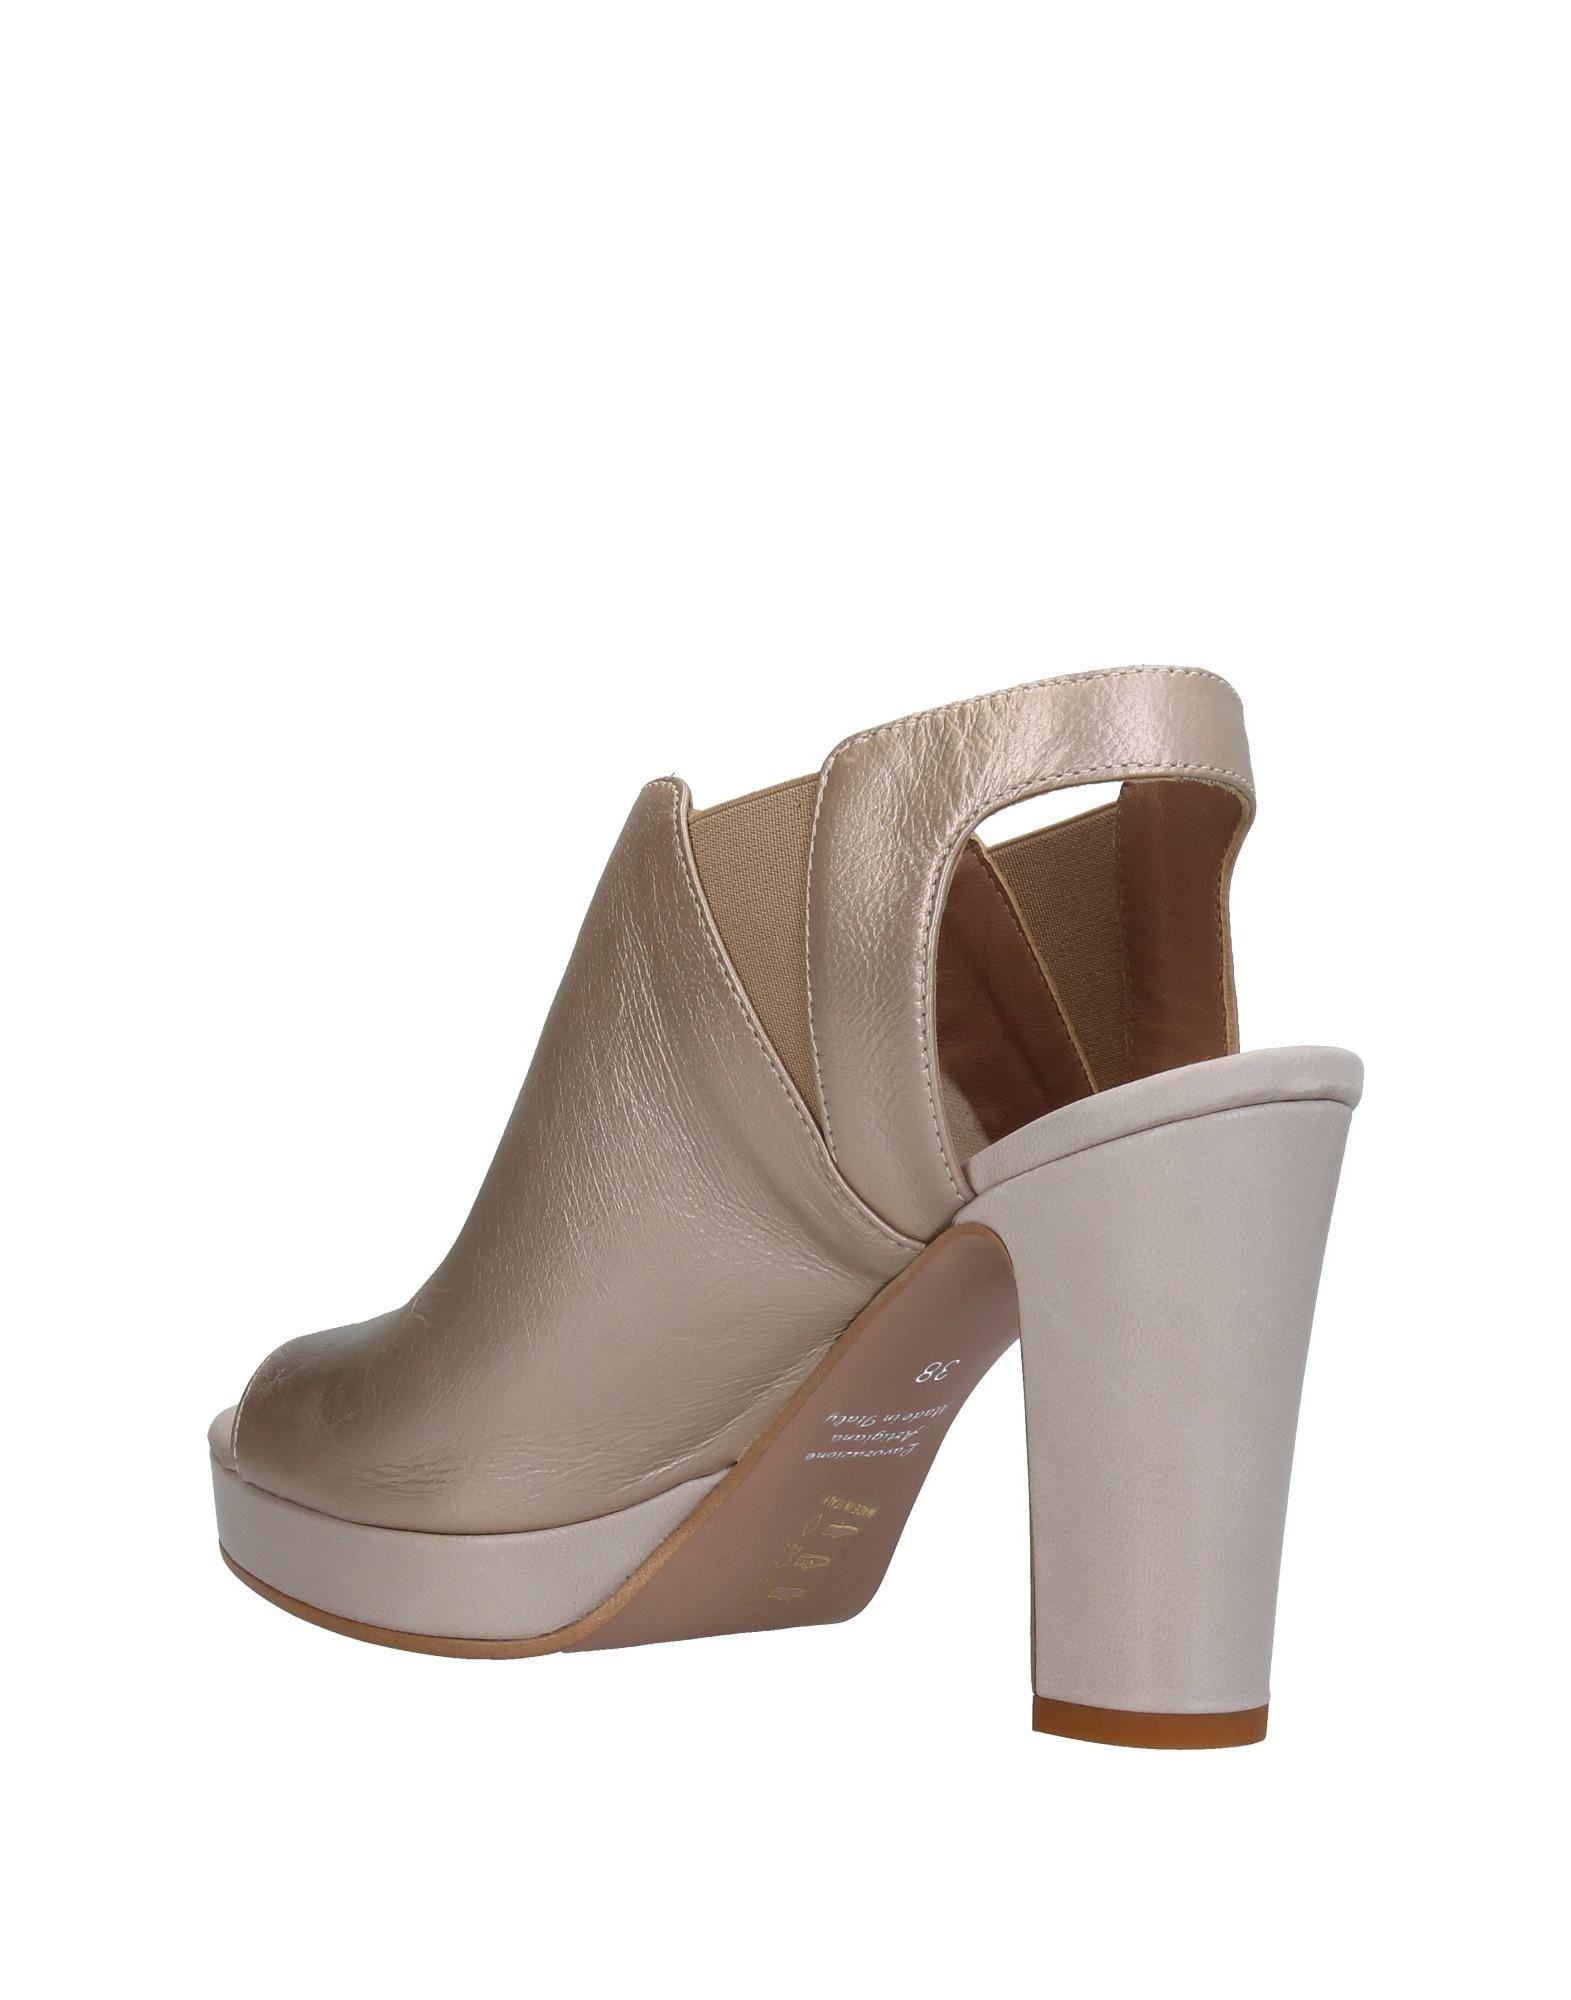 Mally Sandalen Damen  11376136LK Gute Qualität beliebte Schuhe